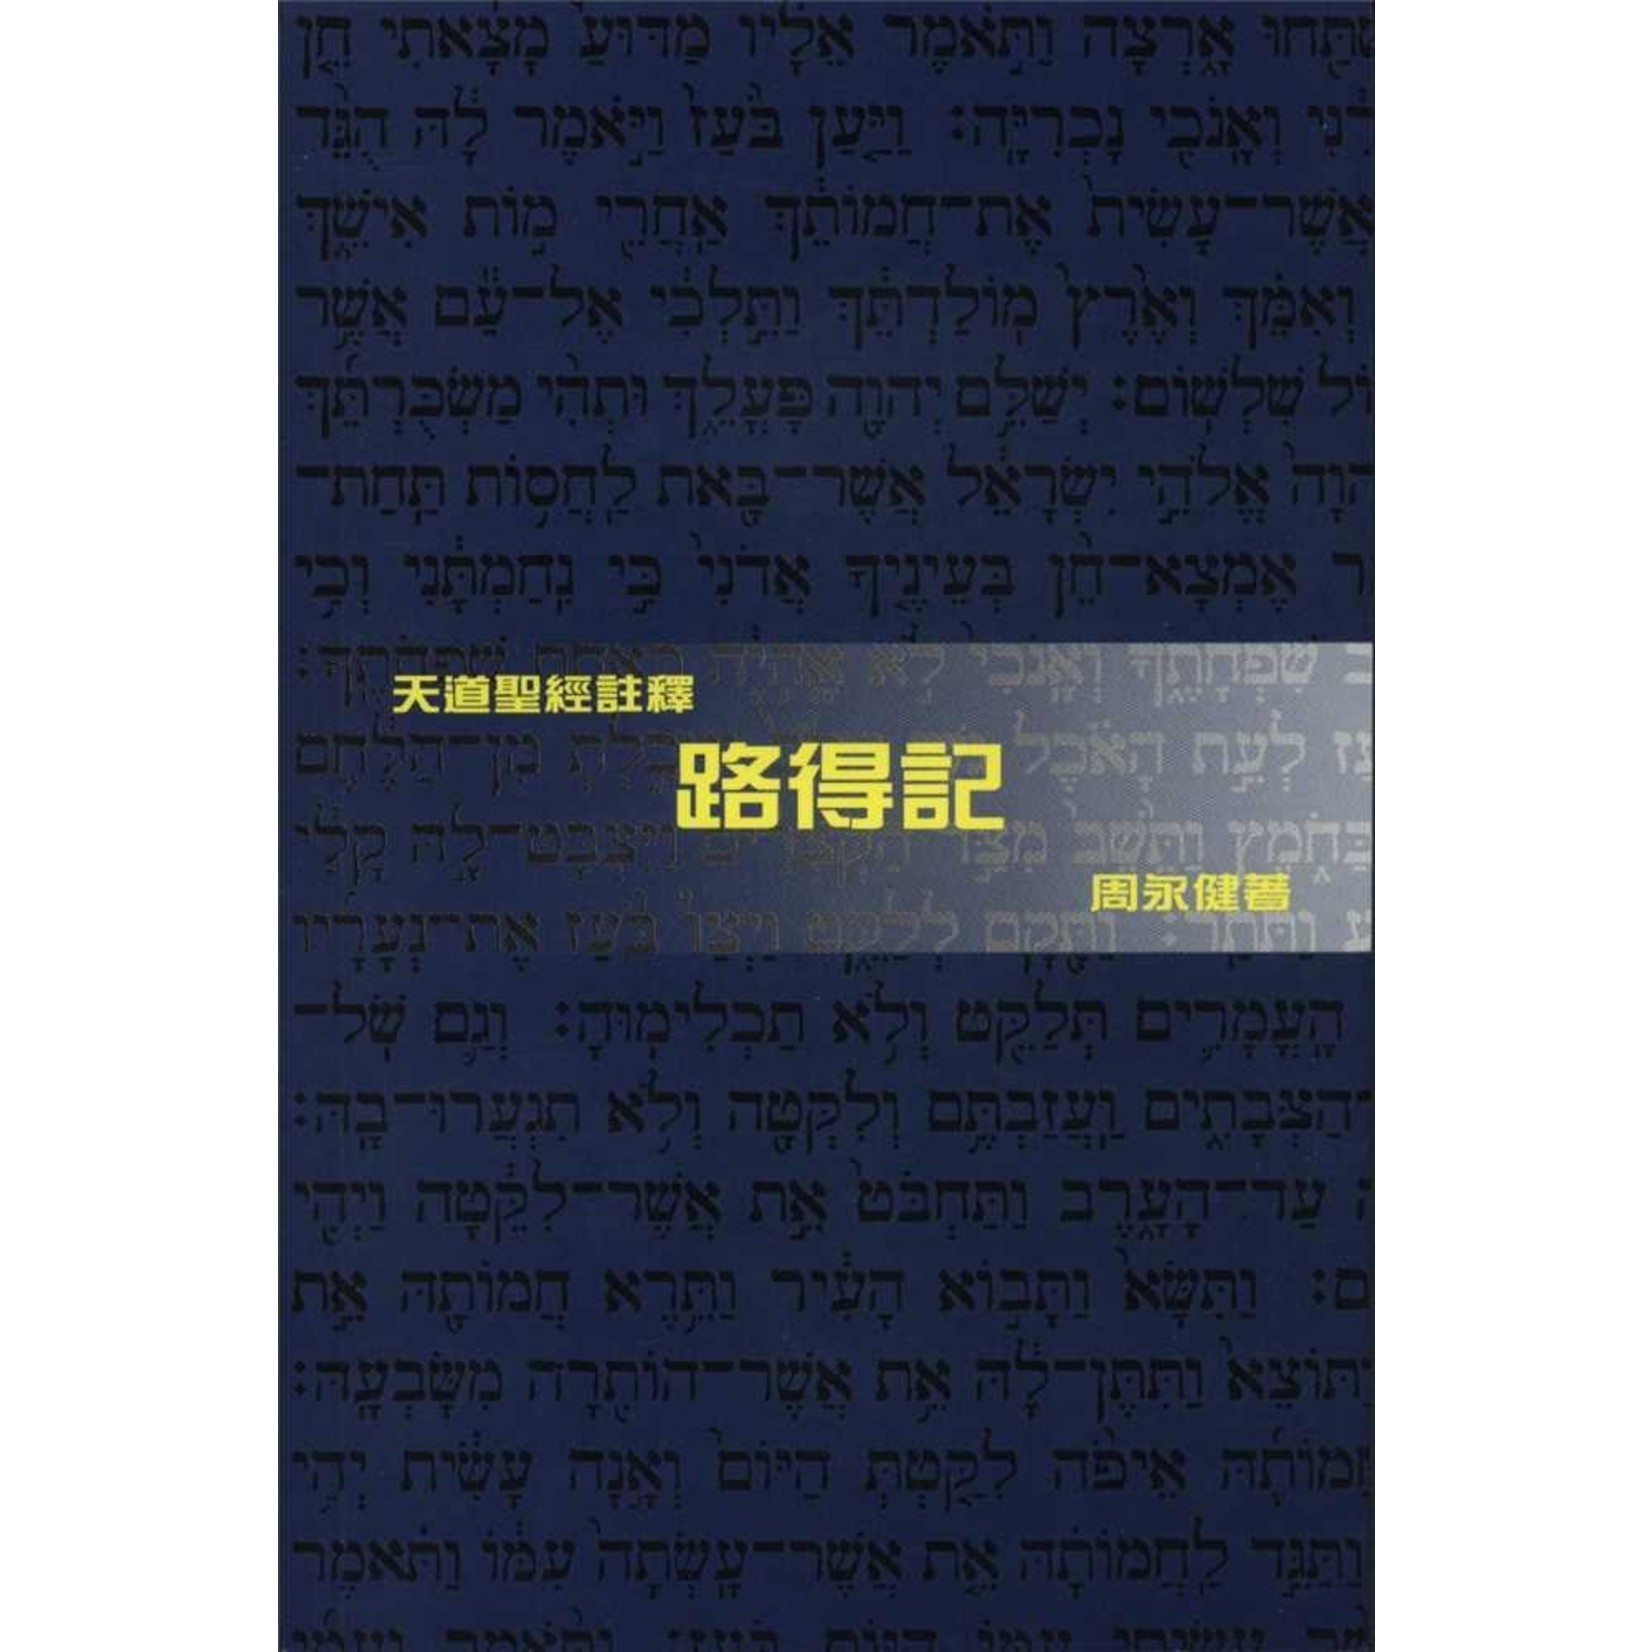 天道書樓 Tien Dao Publishing House 天道聖經註釋:路得記